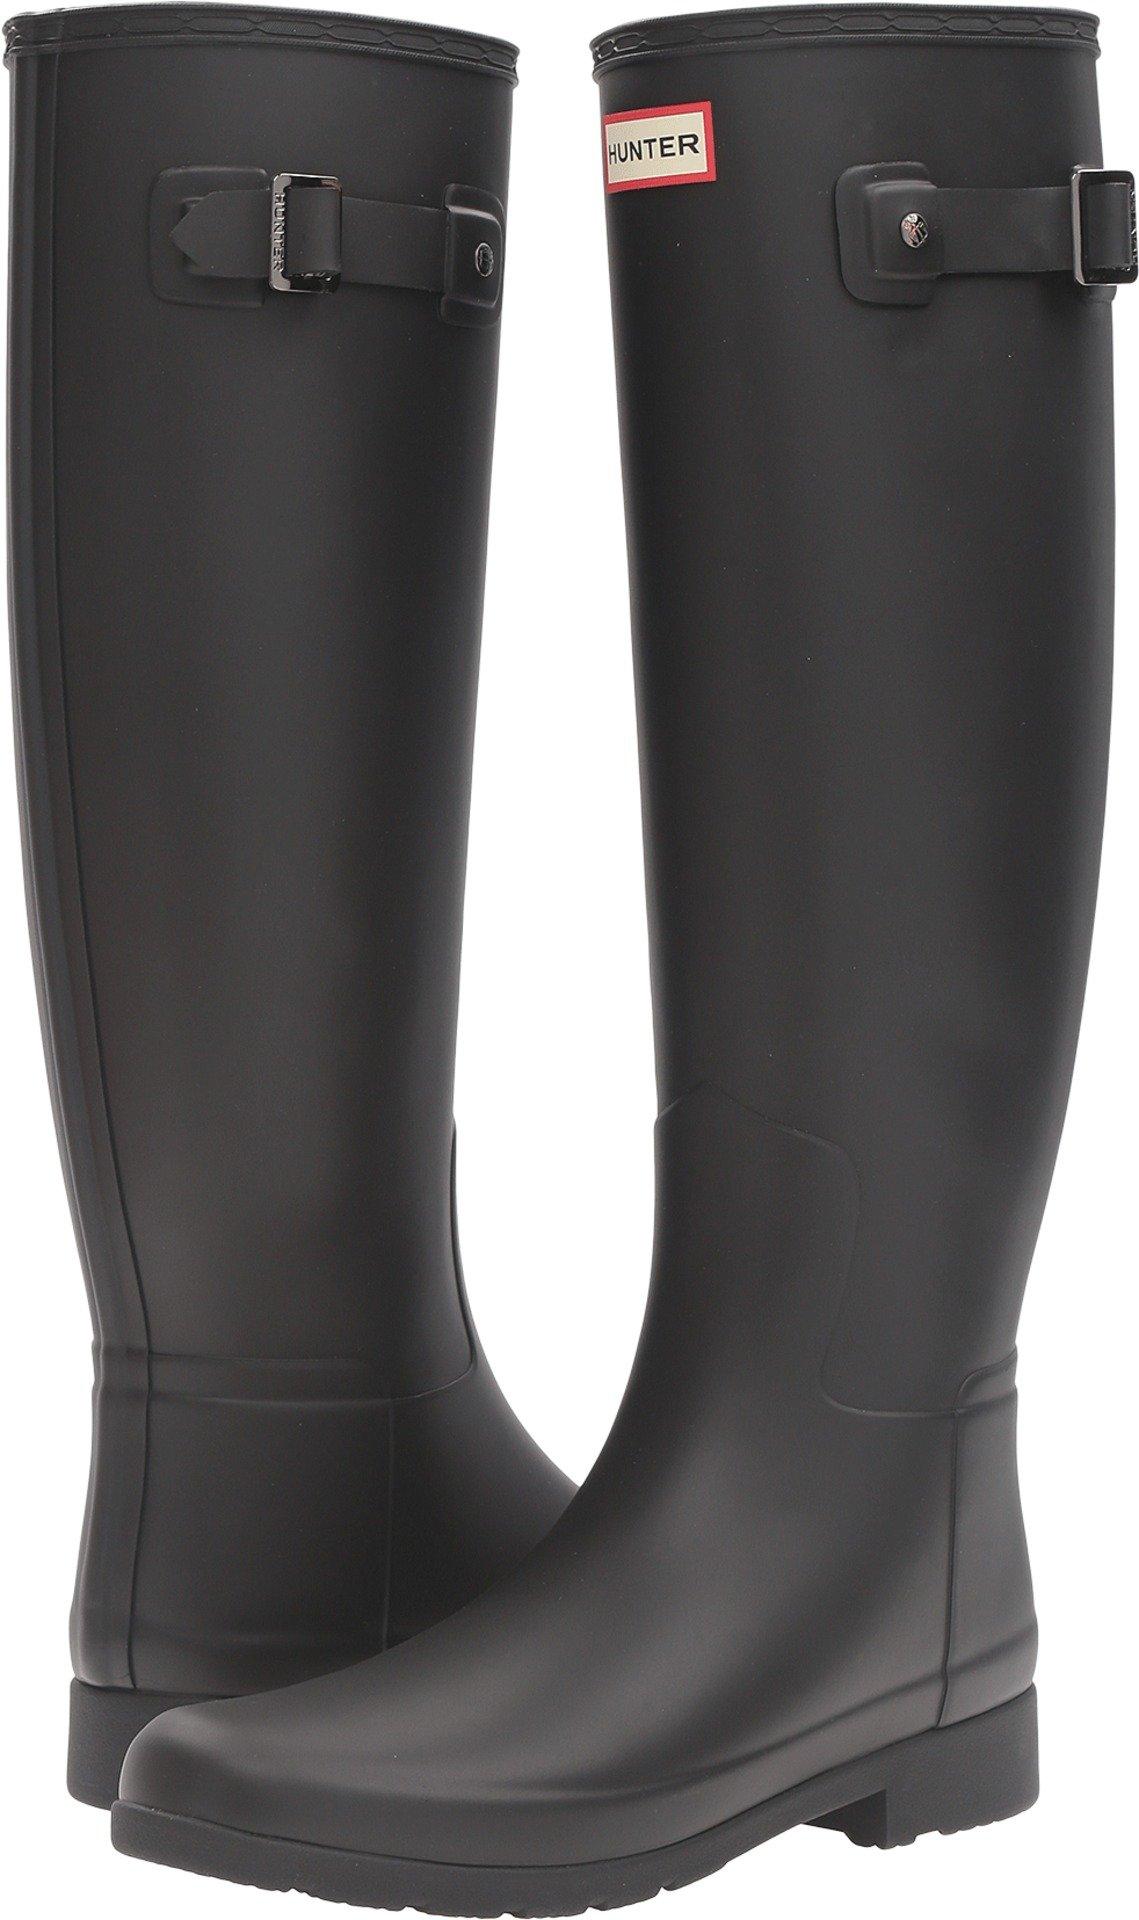 Hunter Women's Original Refined Tall Matte Black Boot by Hunter